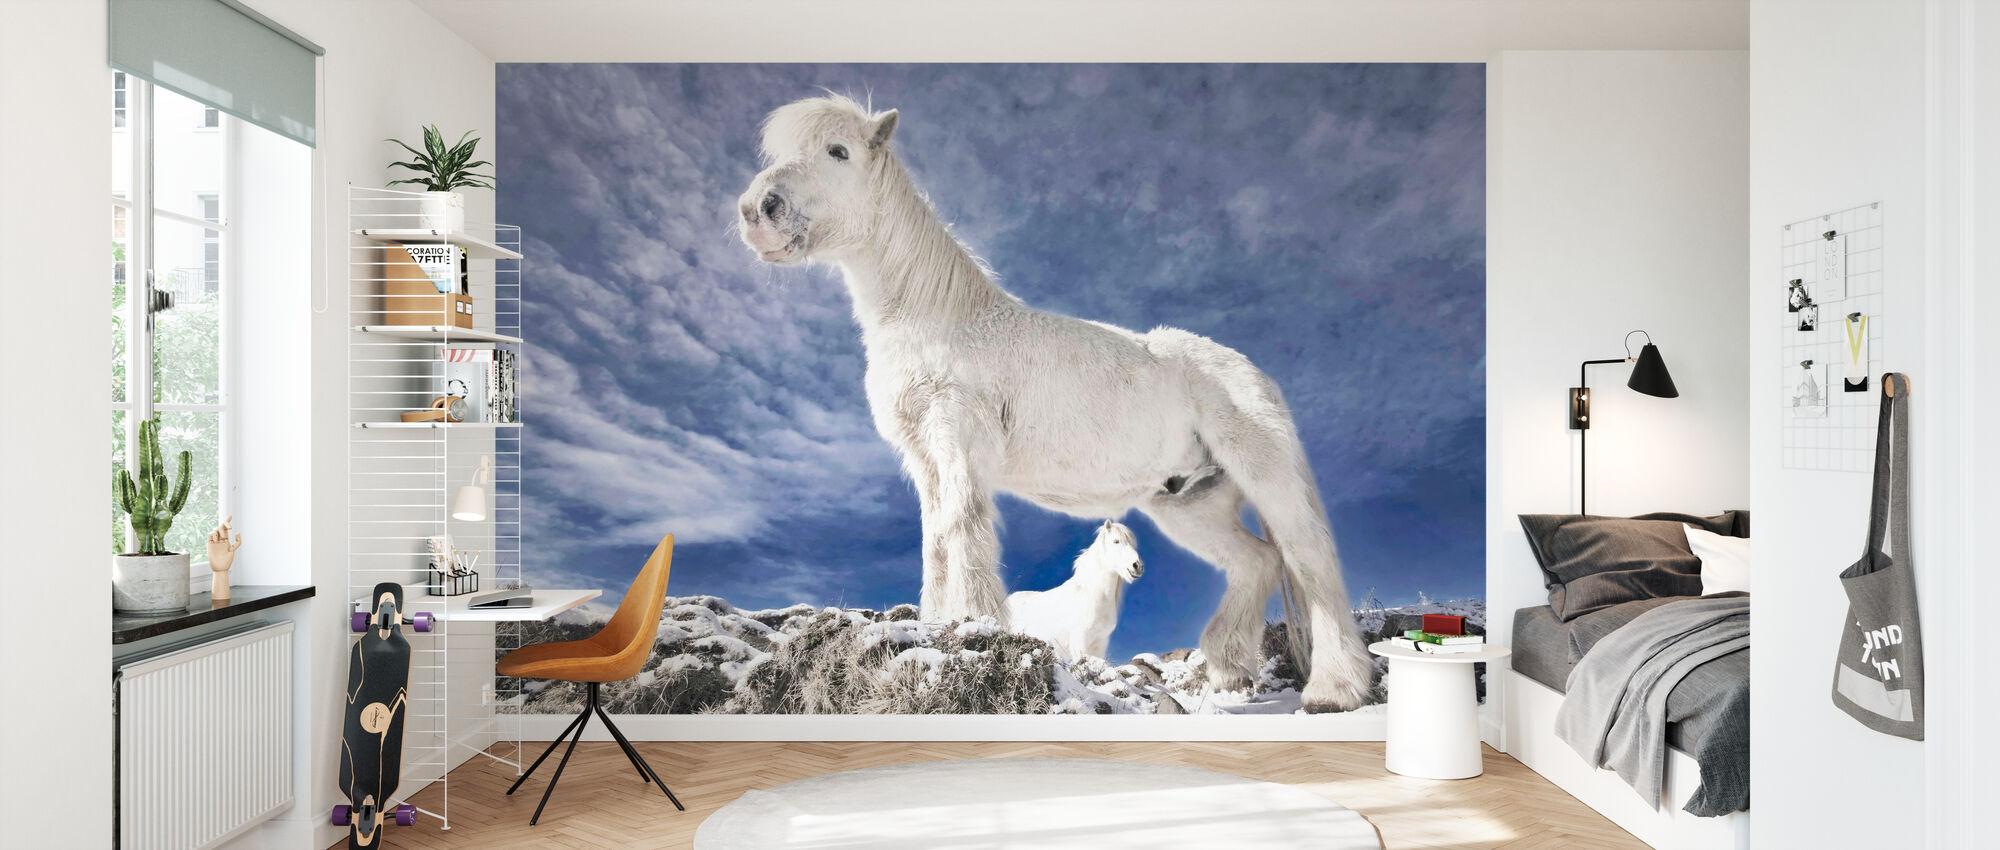 Snowwhite Horses - Wallpaper - Kids Room